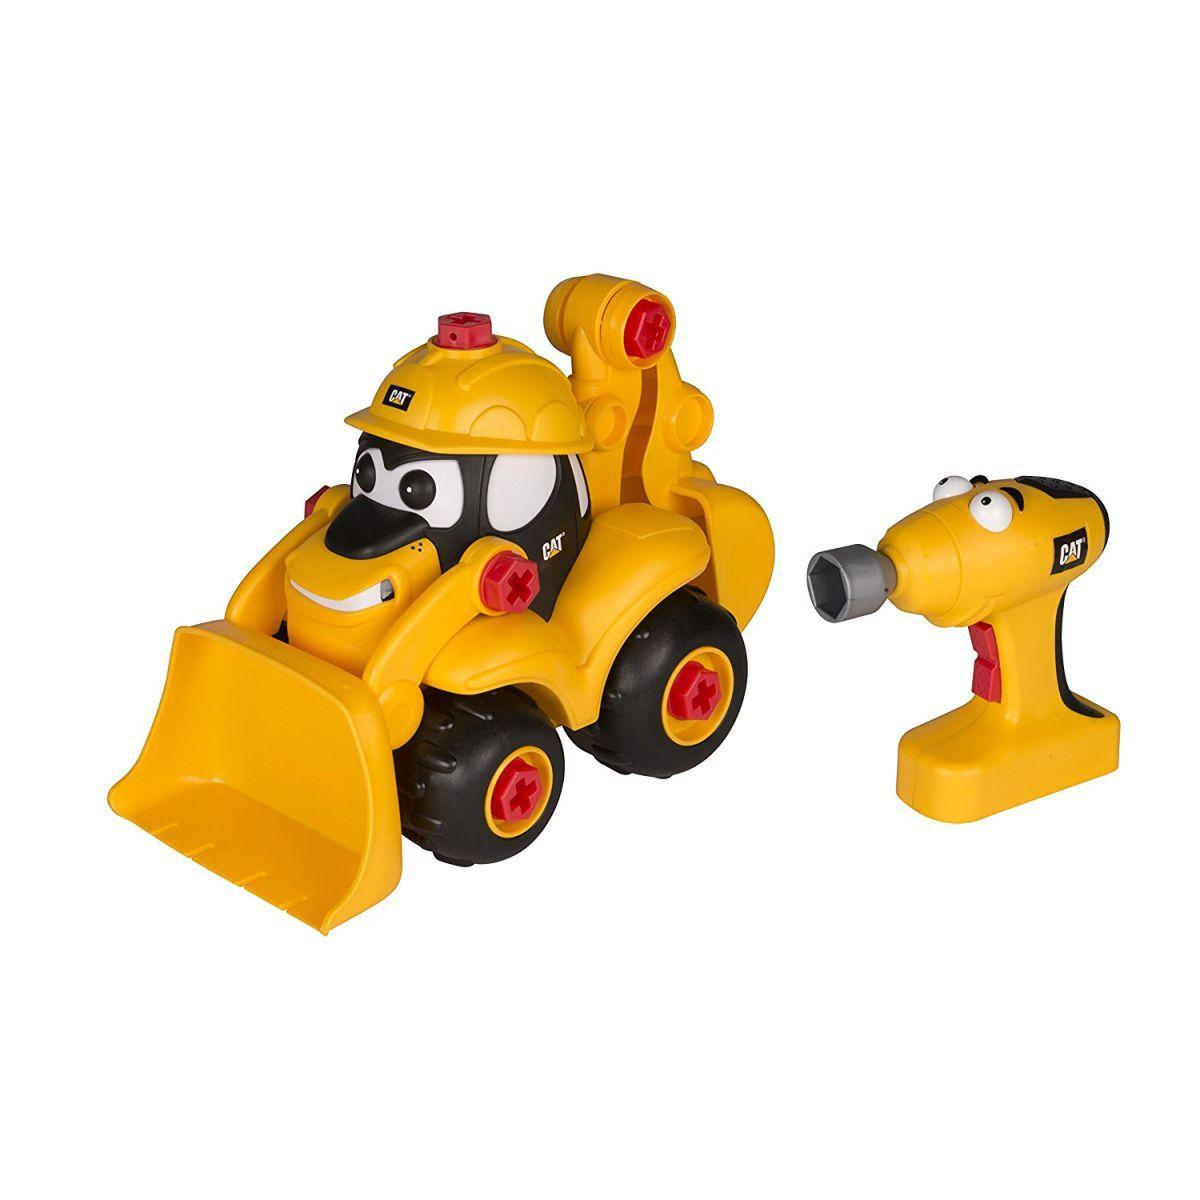 Конструктор Toy State Экскаватор Морган с отверткой 24 см (80477)